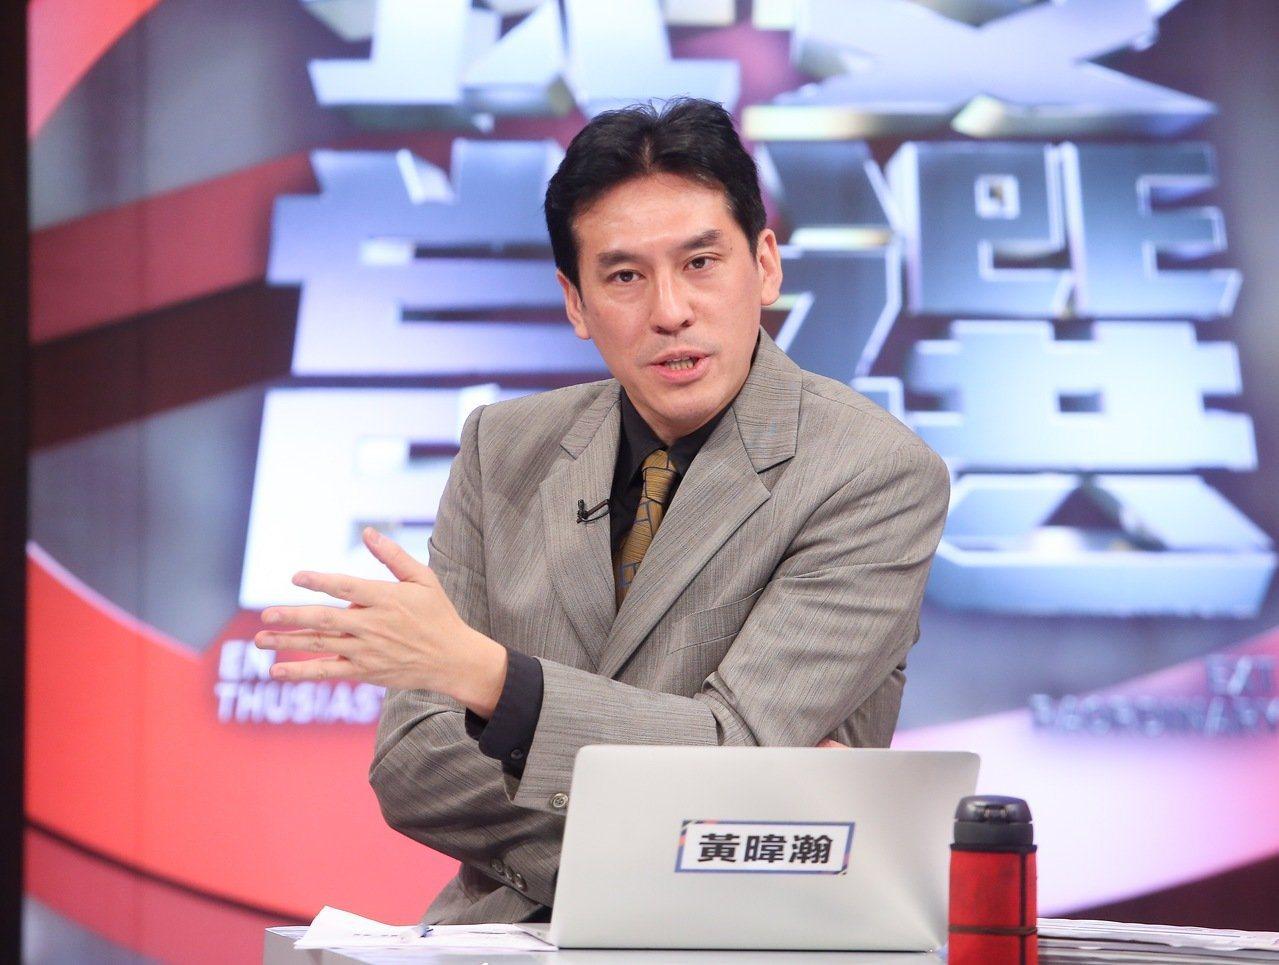 資深媒體人黃暐瀚表示,很多人問他「阿北會不會選2020?」,他的答案很簡單,參選...